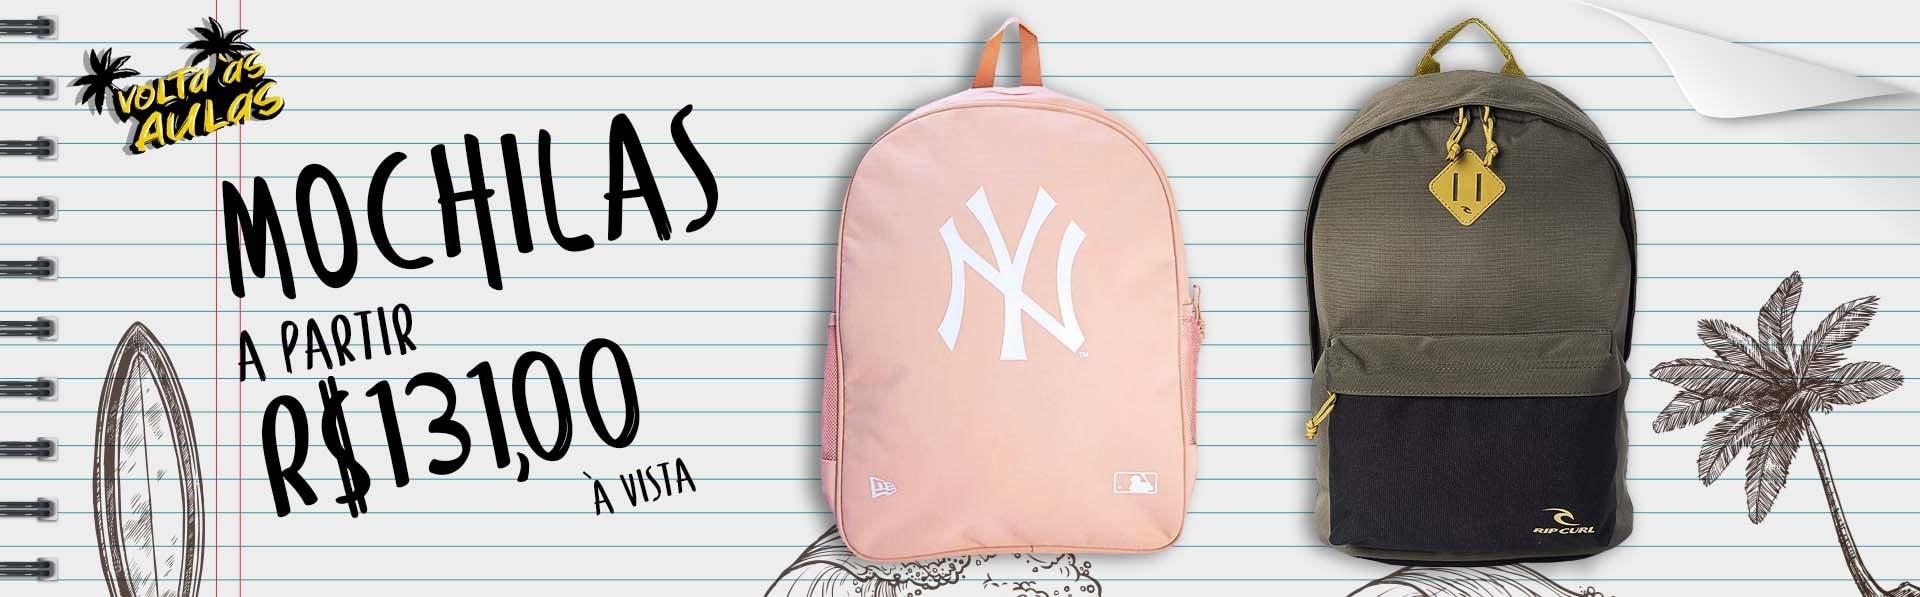 Volta as aulas mochila